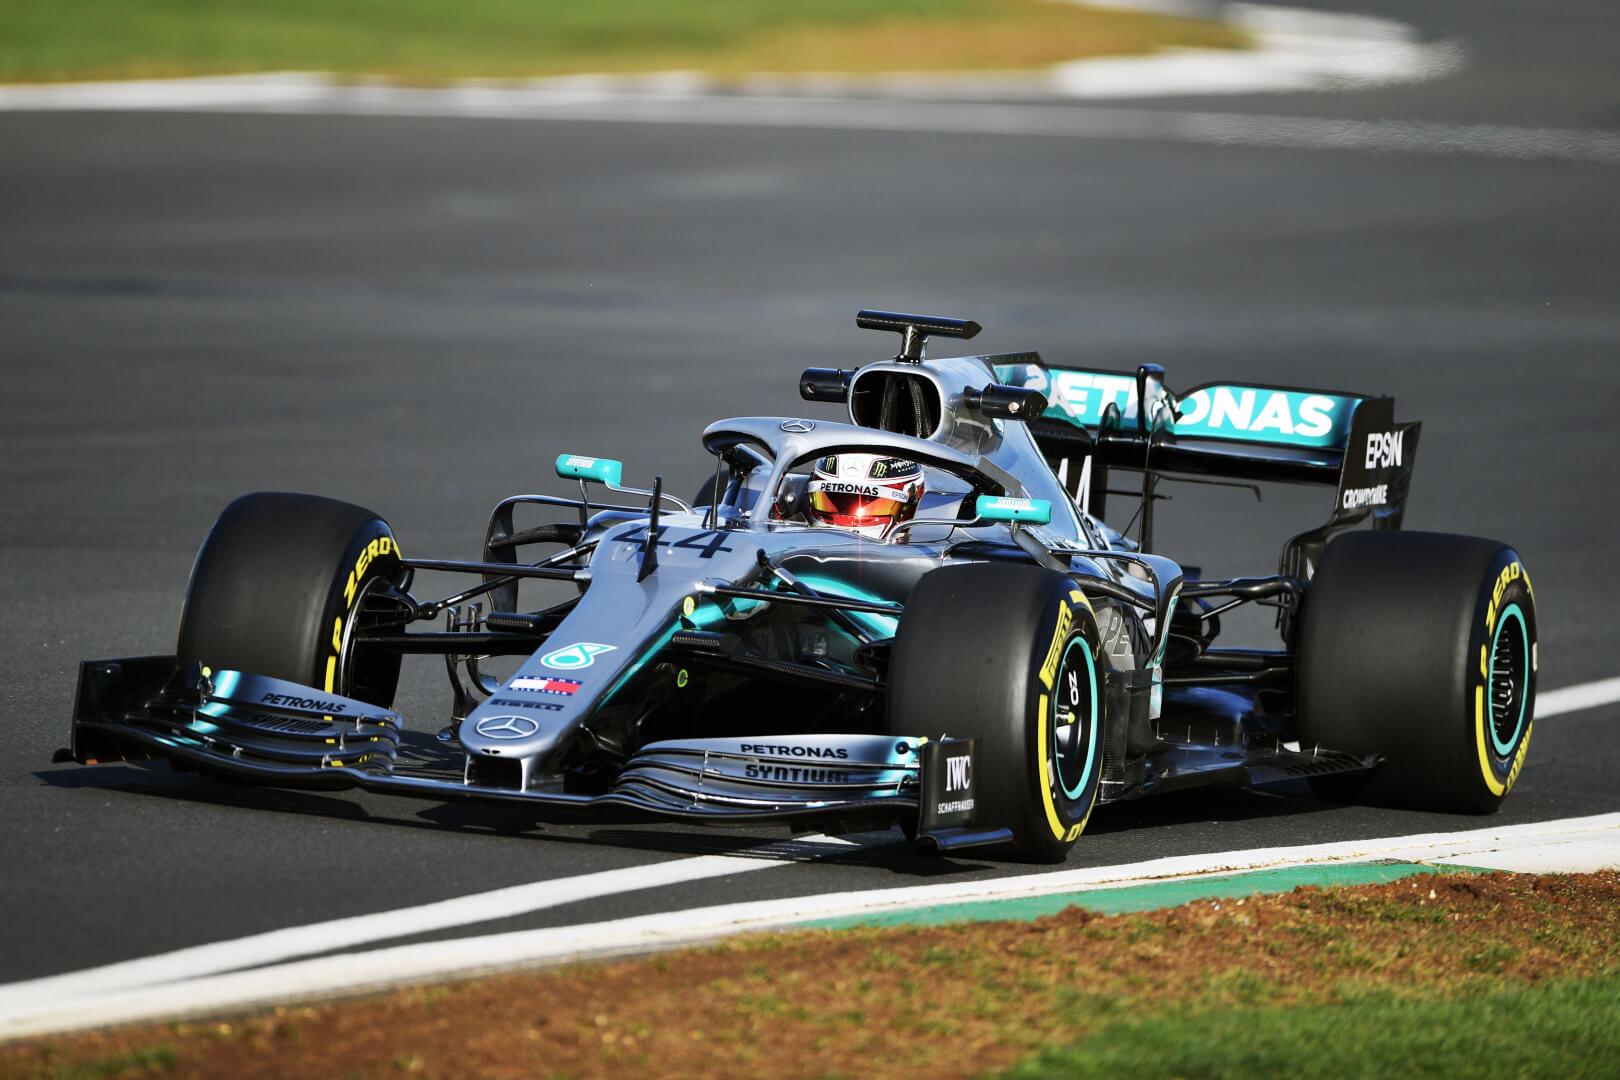 Mercedes-AMG Petronas W10